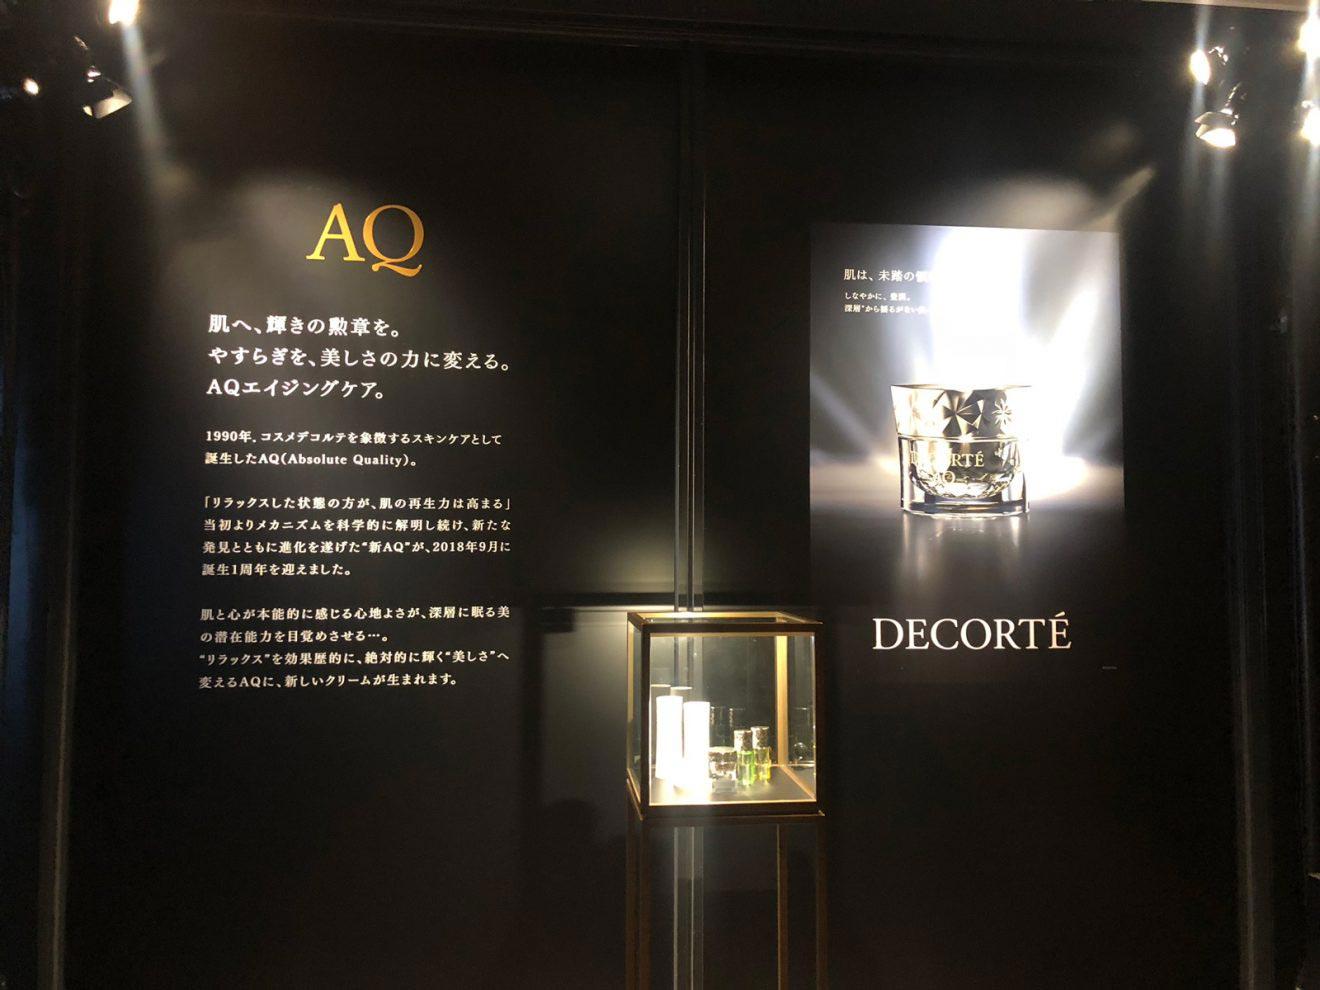 コスメデコルテ AQ クリーム アブソリュート X